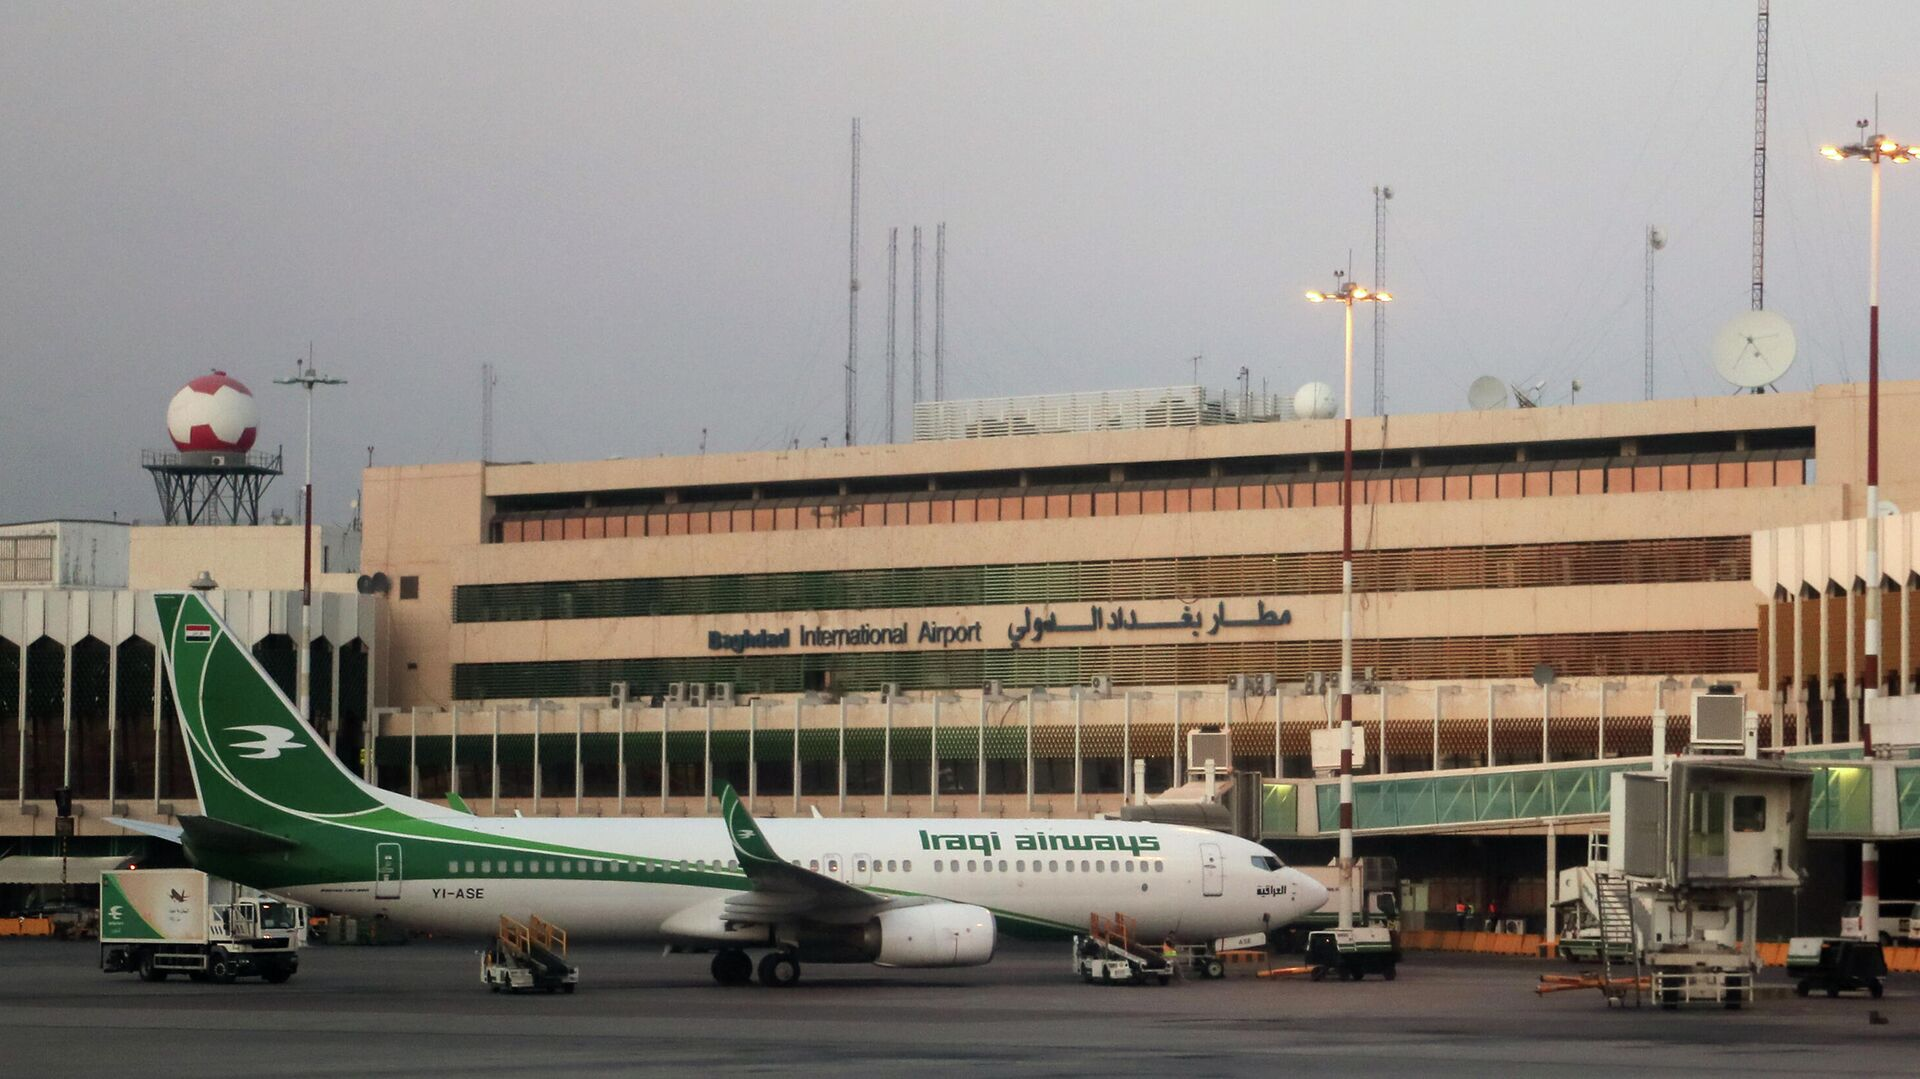 Международный аэропорт Багдад - РИА Новости, 1920, 28.01.2021